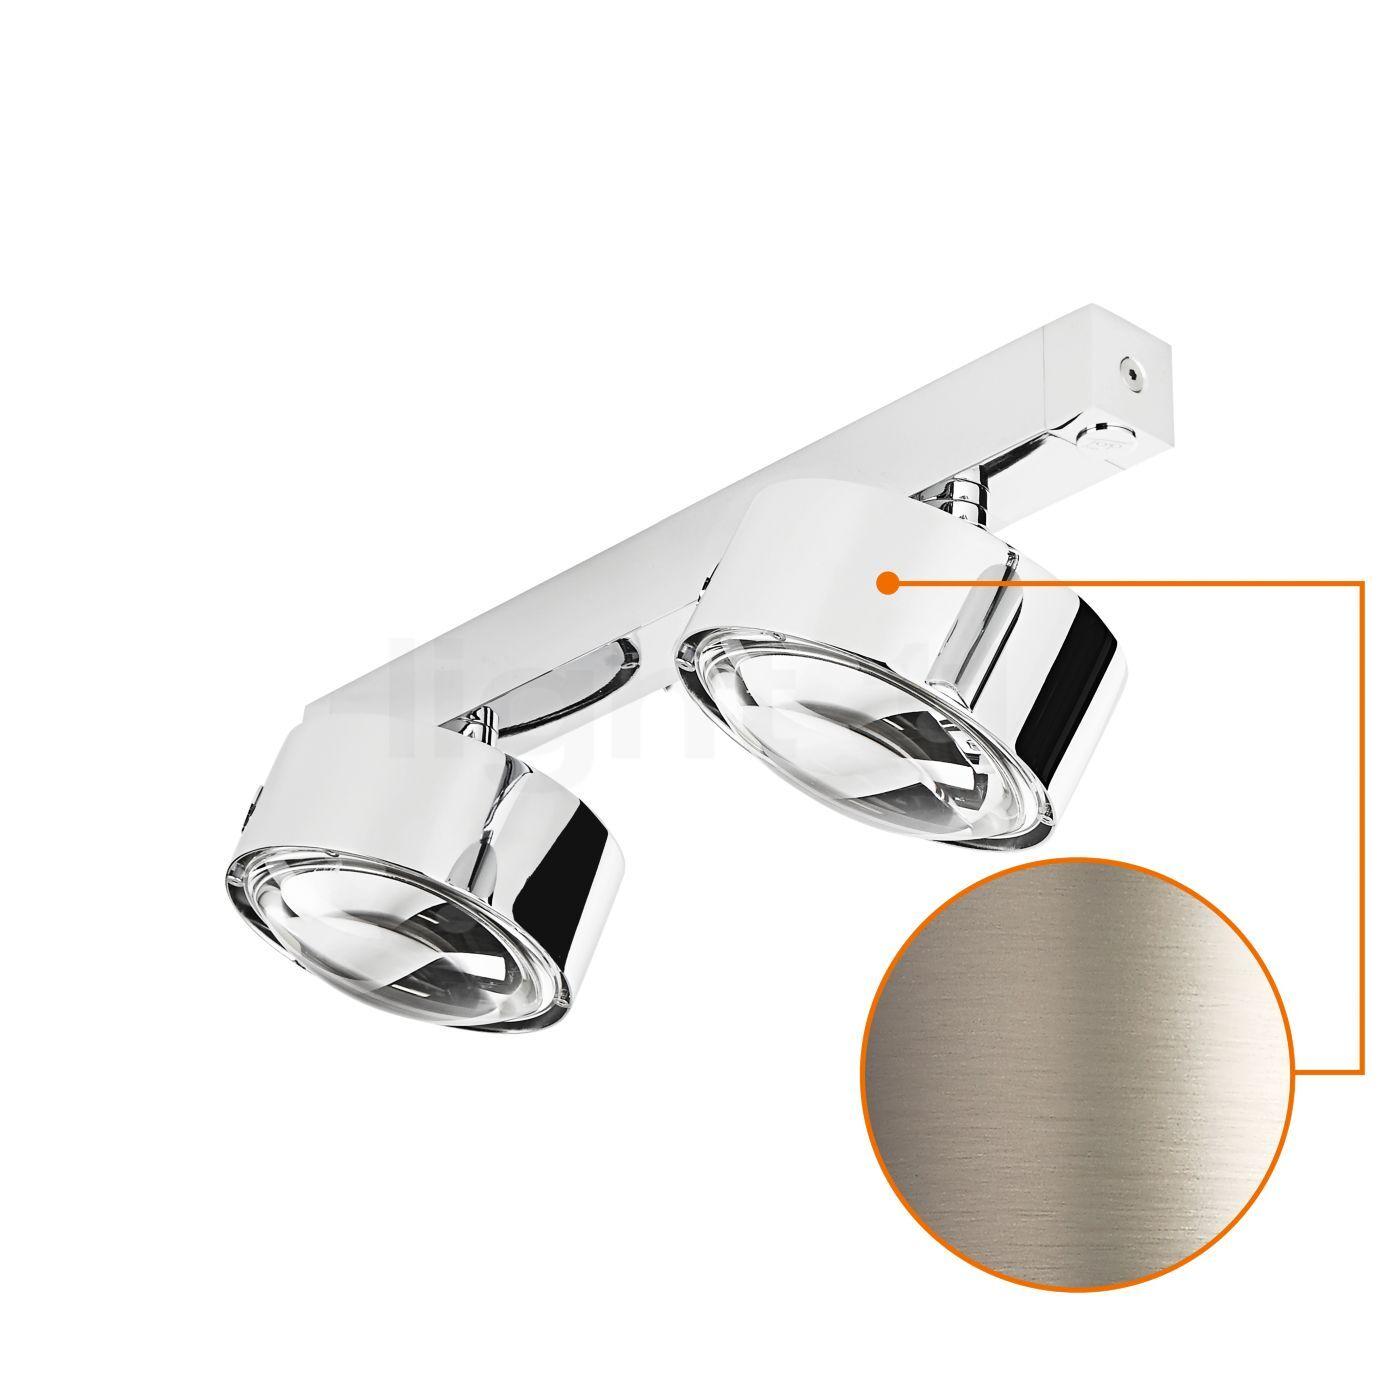 Top Light Puk Maxx Choice Move 35 cm Applique/Plafonnier, nickel mat/lentille claire